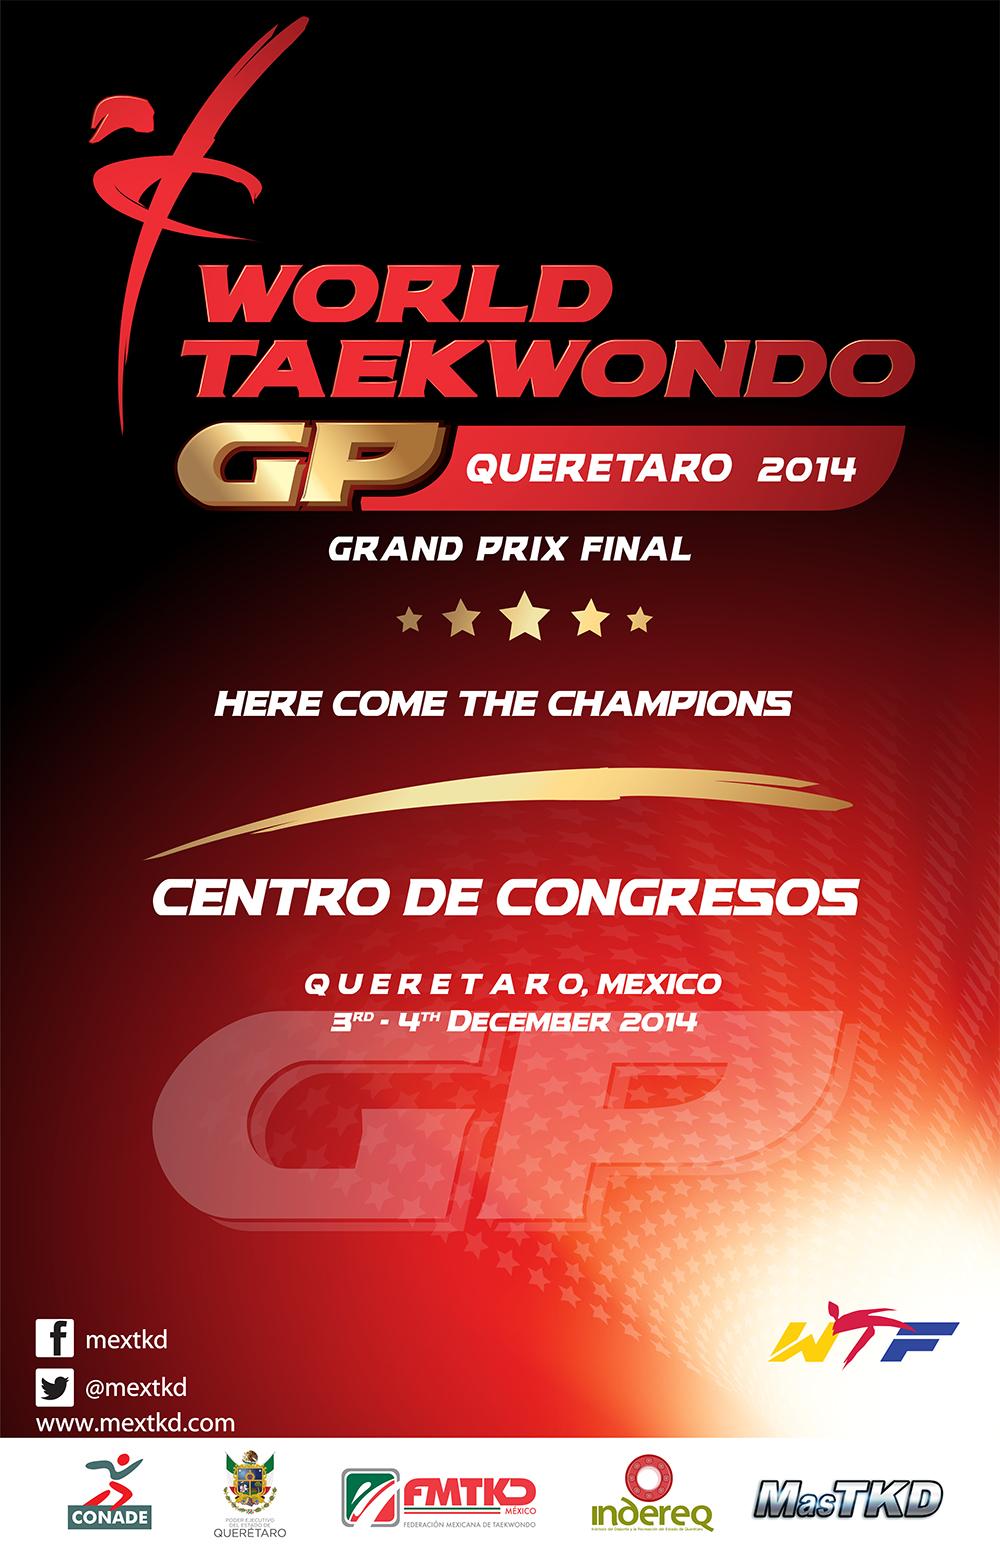 Cartel Grand Prix Final, Queretaro 2014